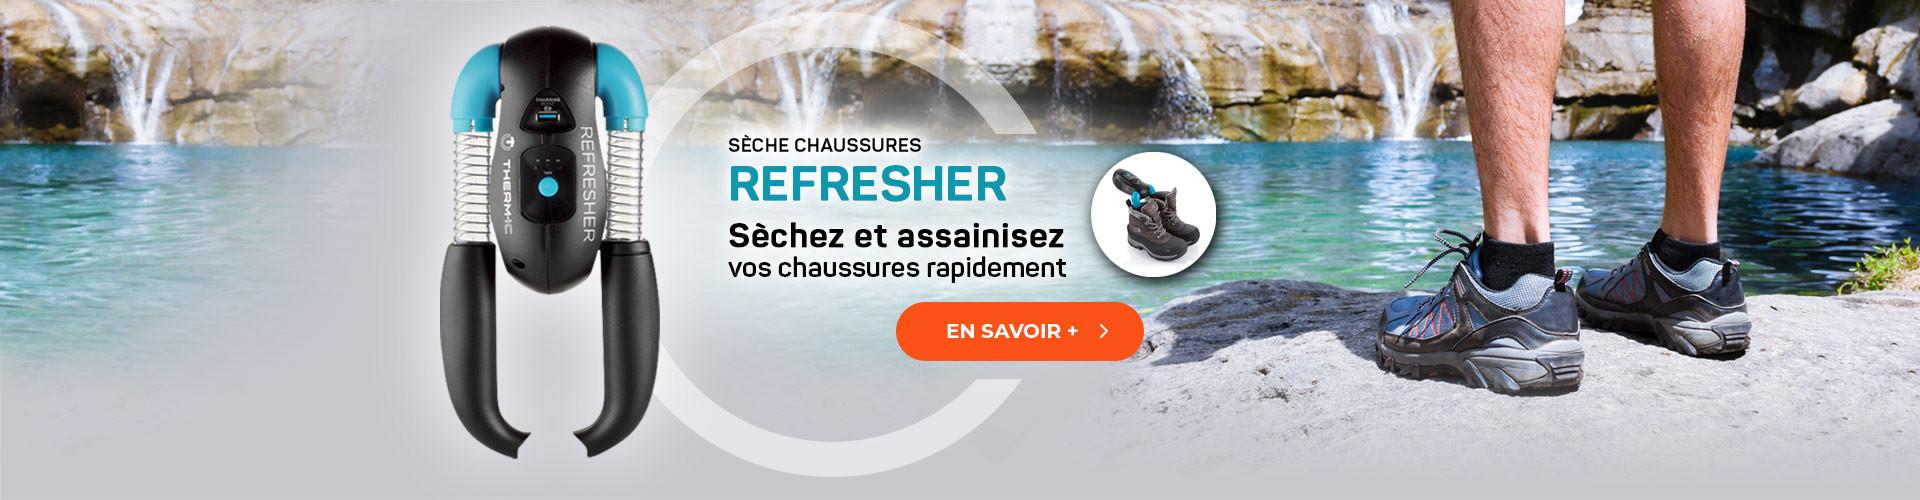 Séchez rapidement vos chaussures de randonnée avec le Refresher !